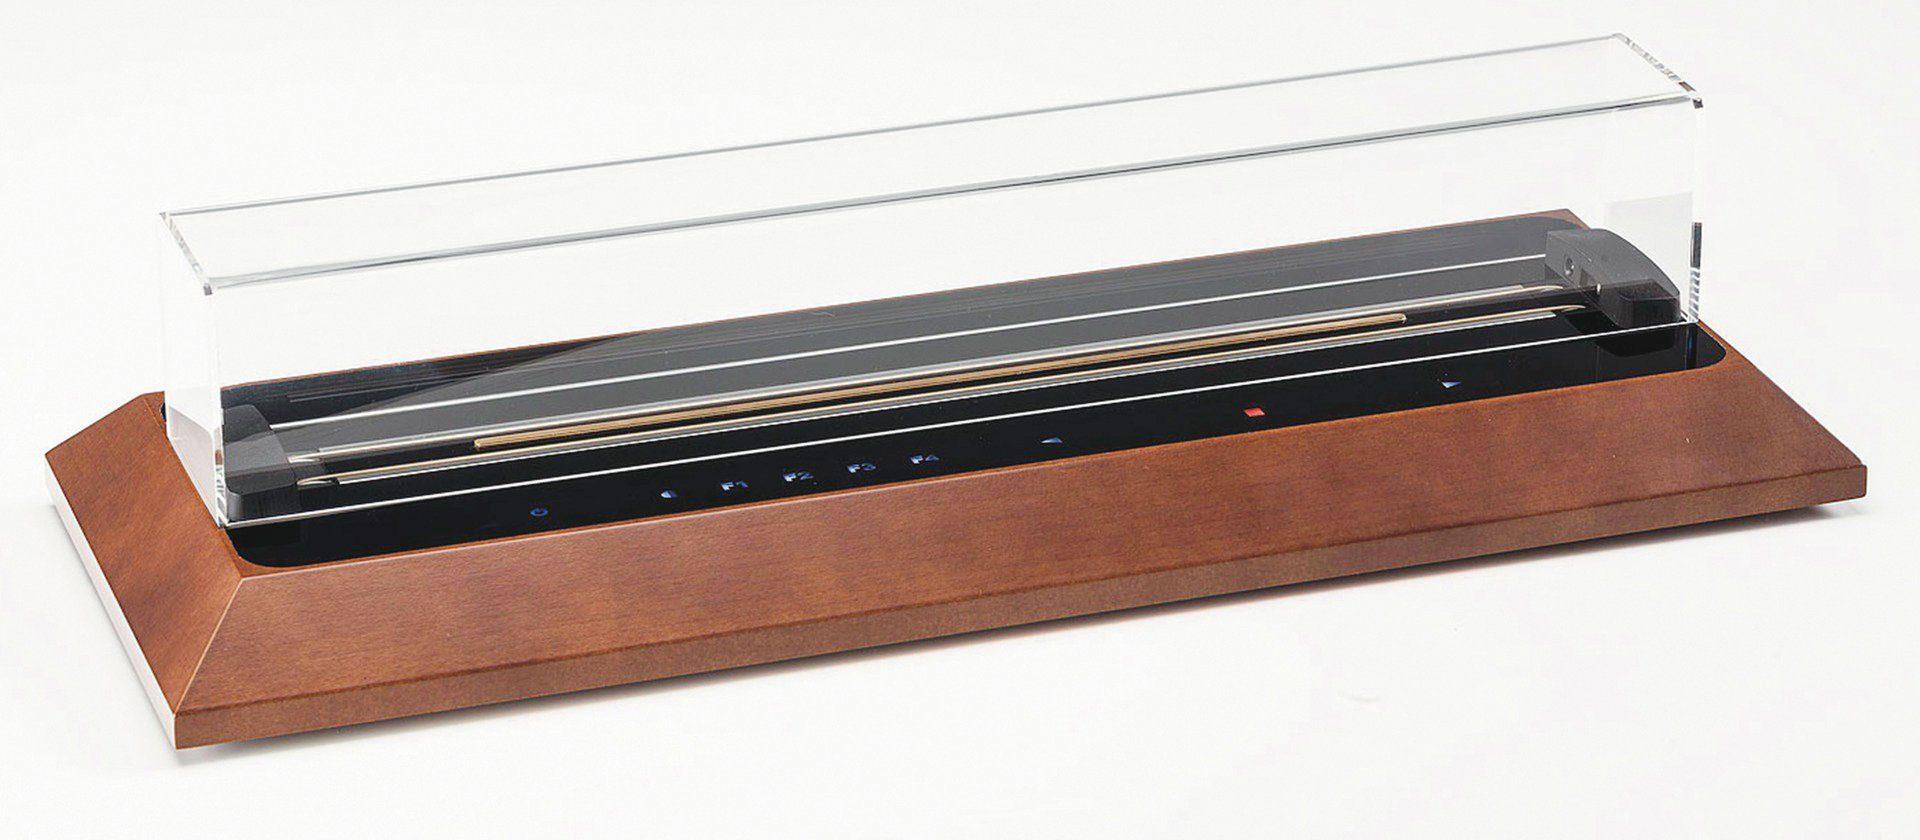 Roco Modelleisenbahn Zubehör für Roco und Fleischmann, Spur H0, »smartRail™ Schienenlaufband«